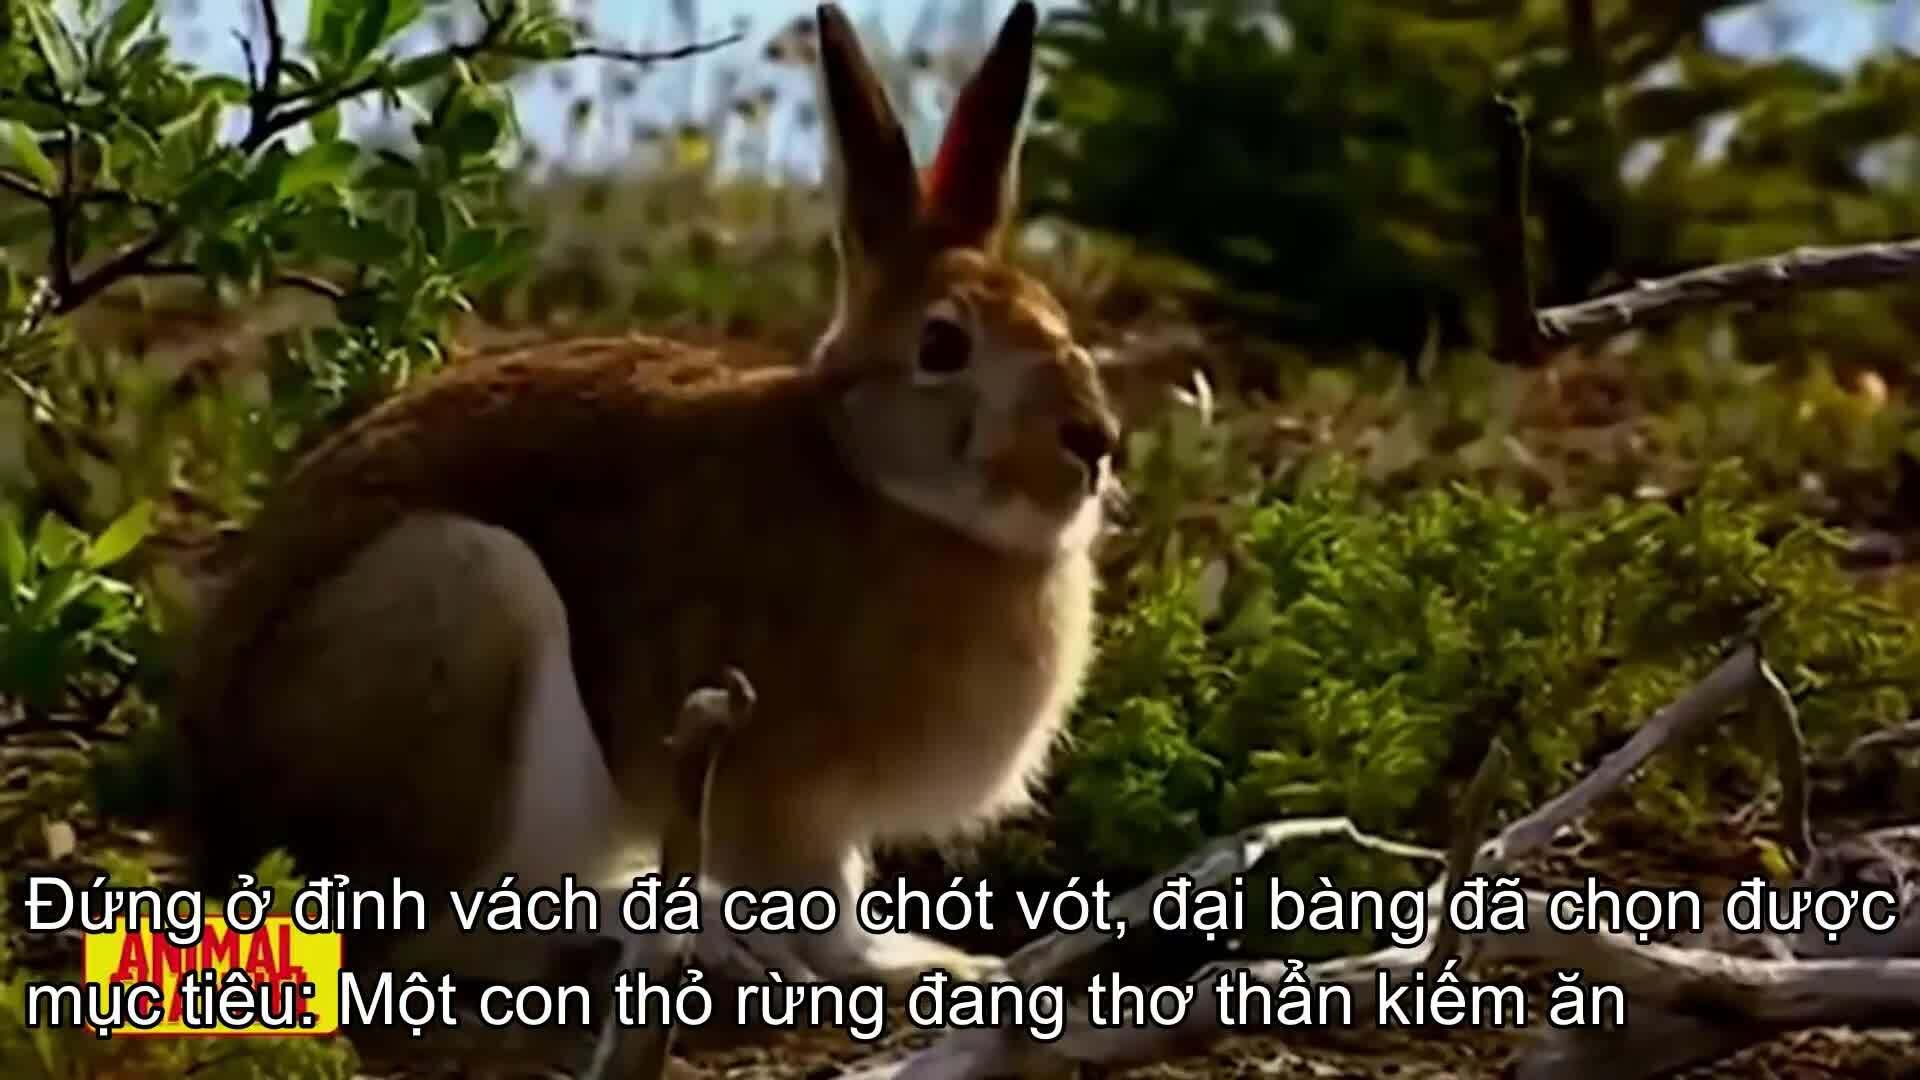 Thỏ rừng nhanh trí biến đại bàng thành trò cười